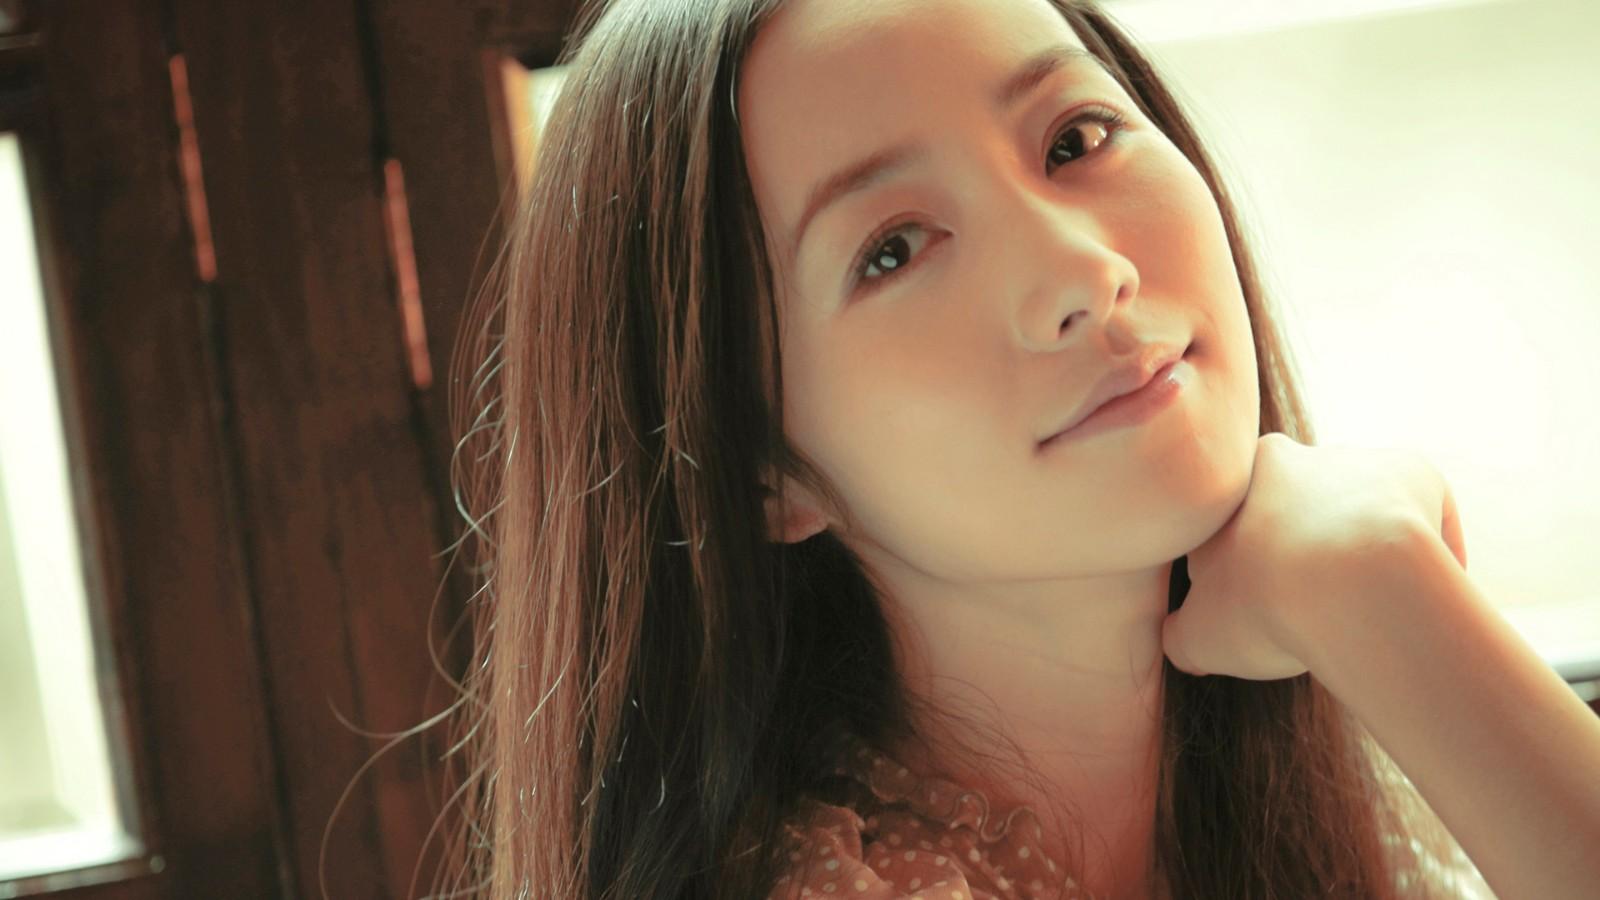 韩雪,美女演员,女歌手,清纯,壁纸